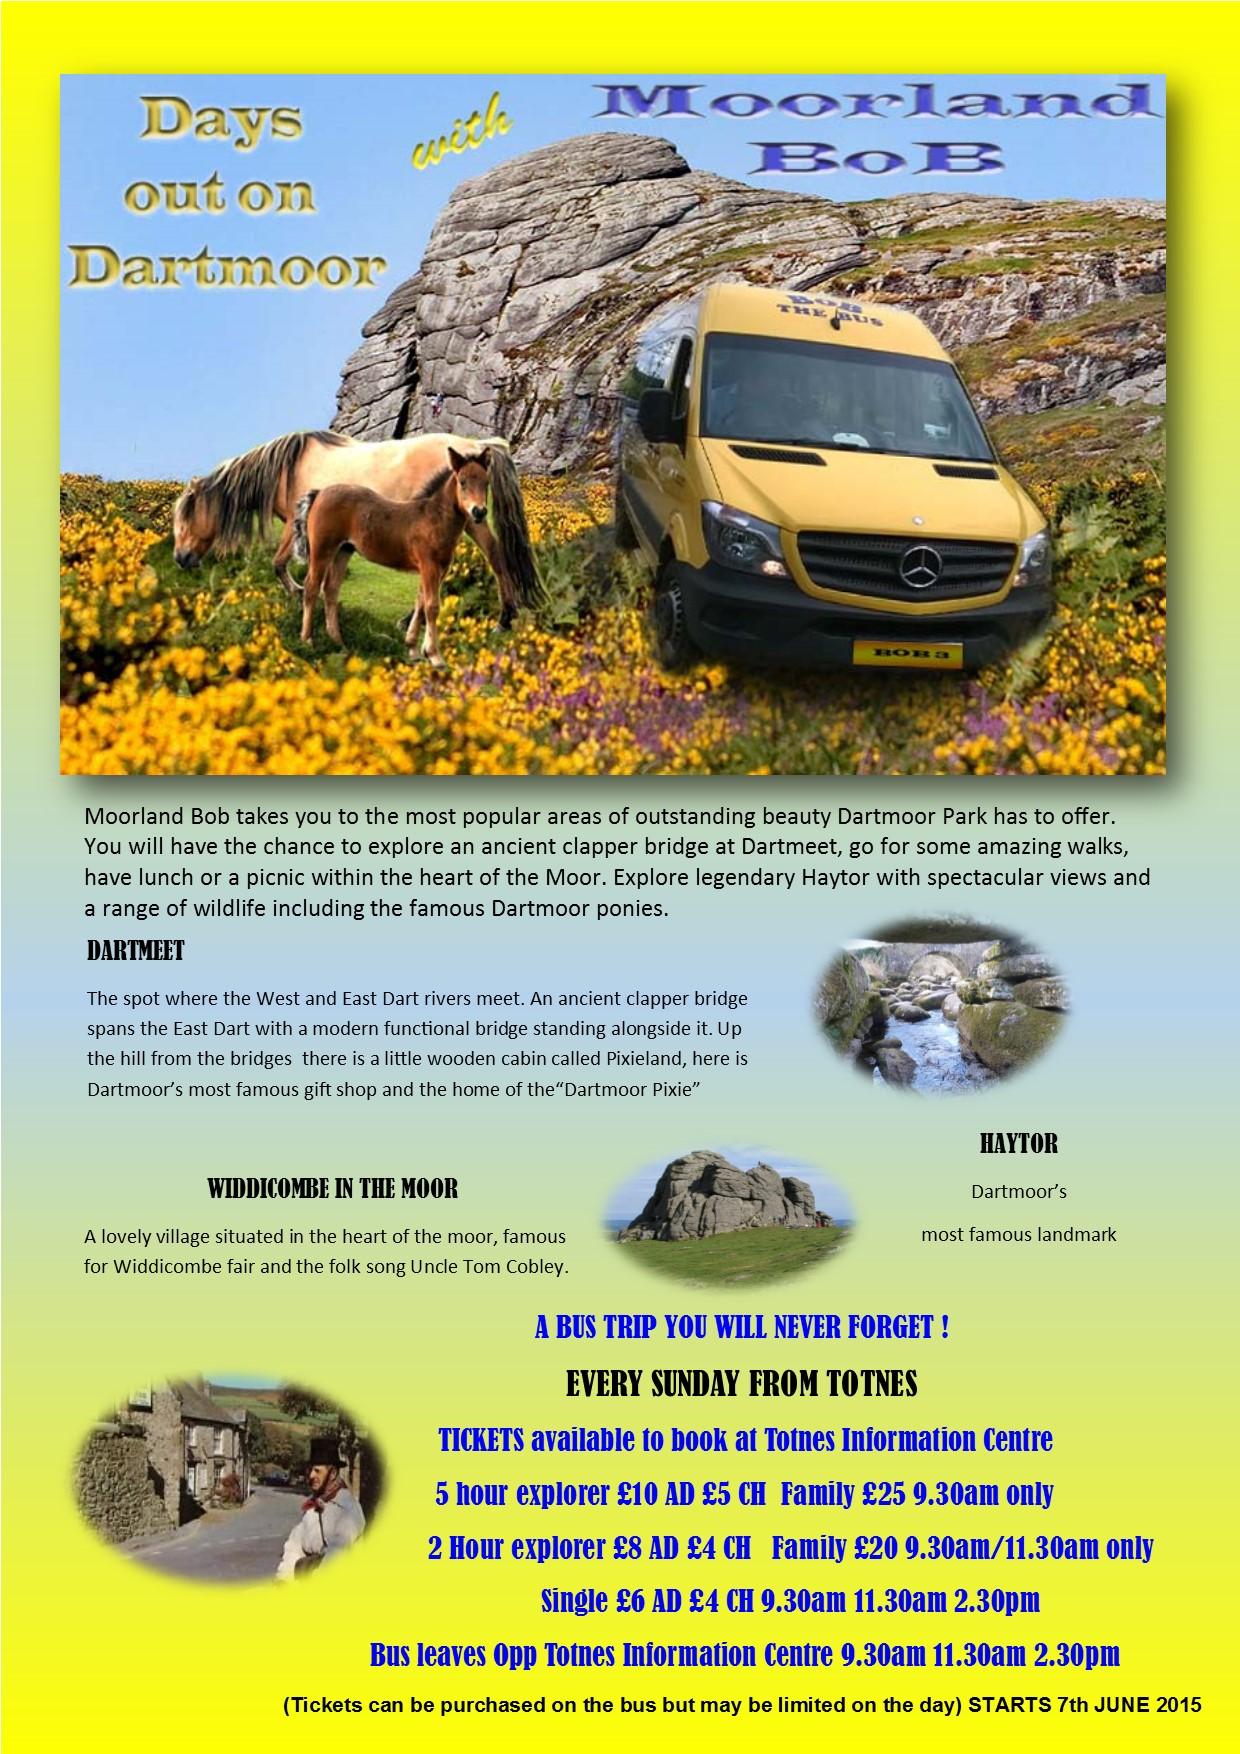 Dartmoor poster